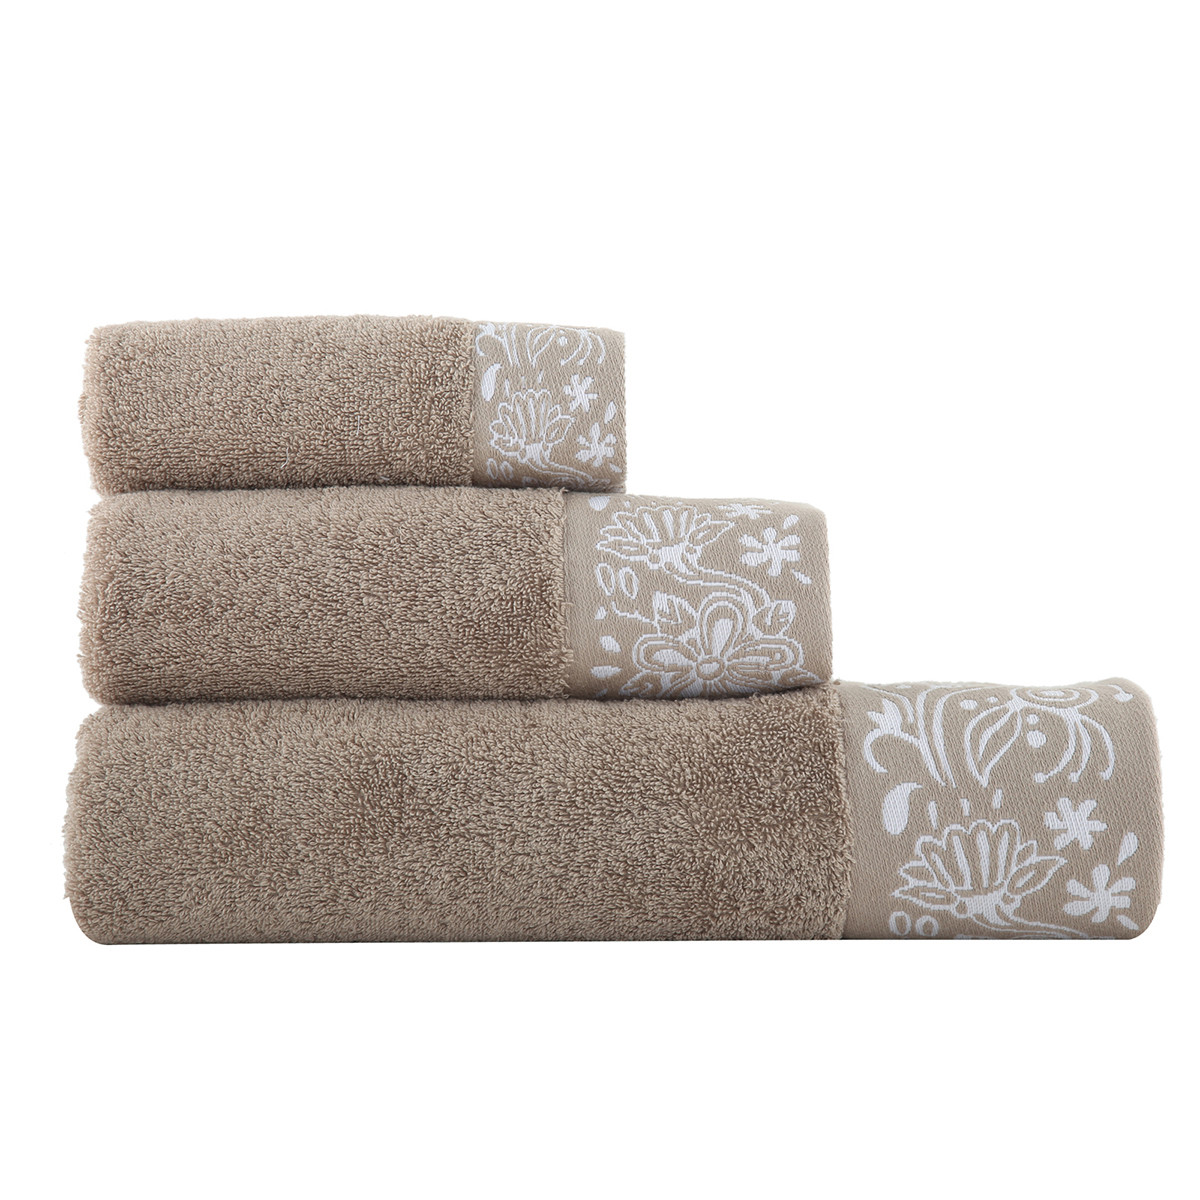 Πετσέτες Μπάνιου (Σετ 3τμχ) Nef-Nef Semplice home   μπάνιο   πετσέτες μπάνιου